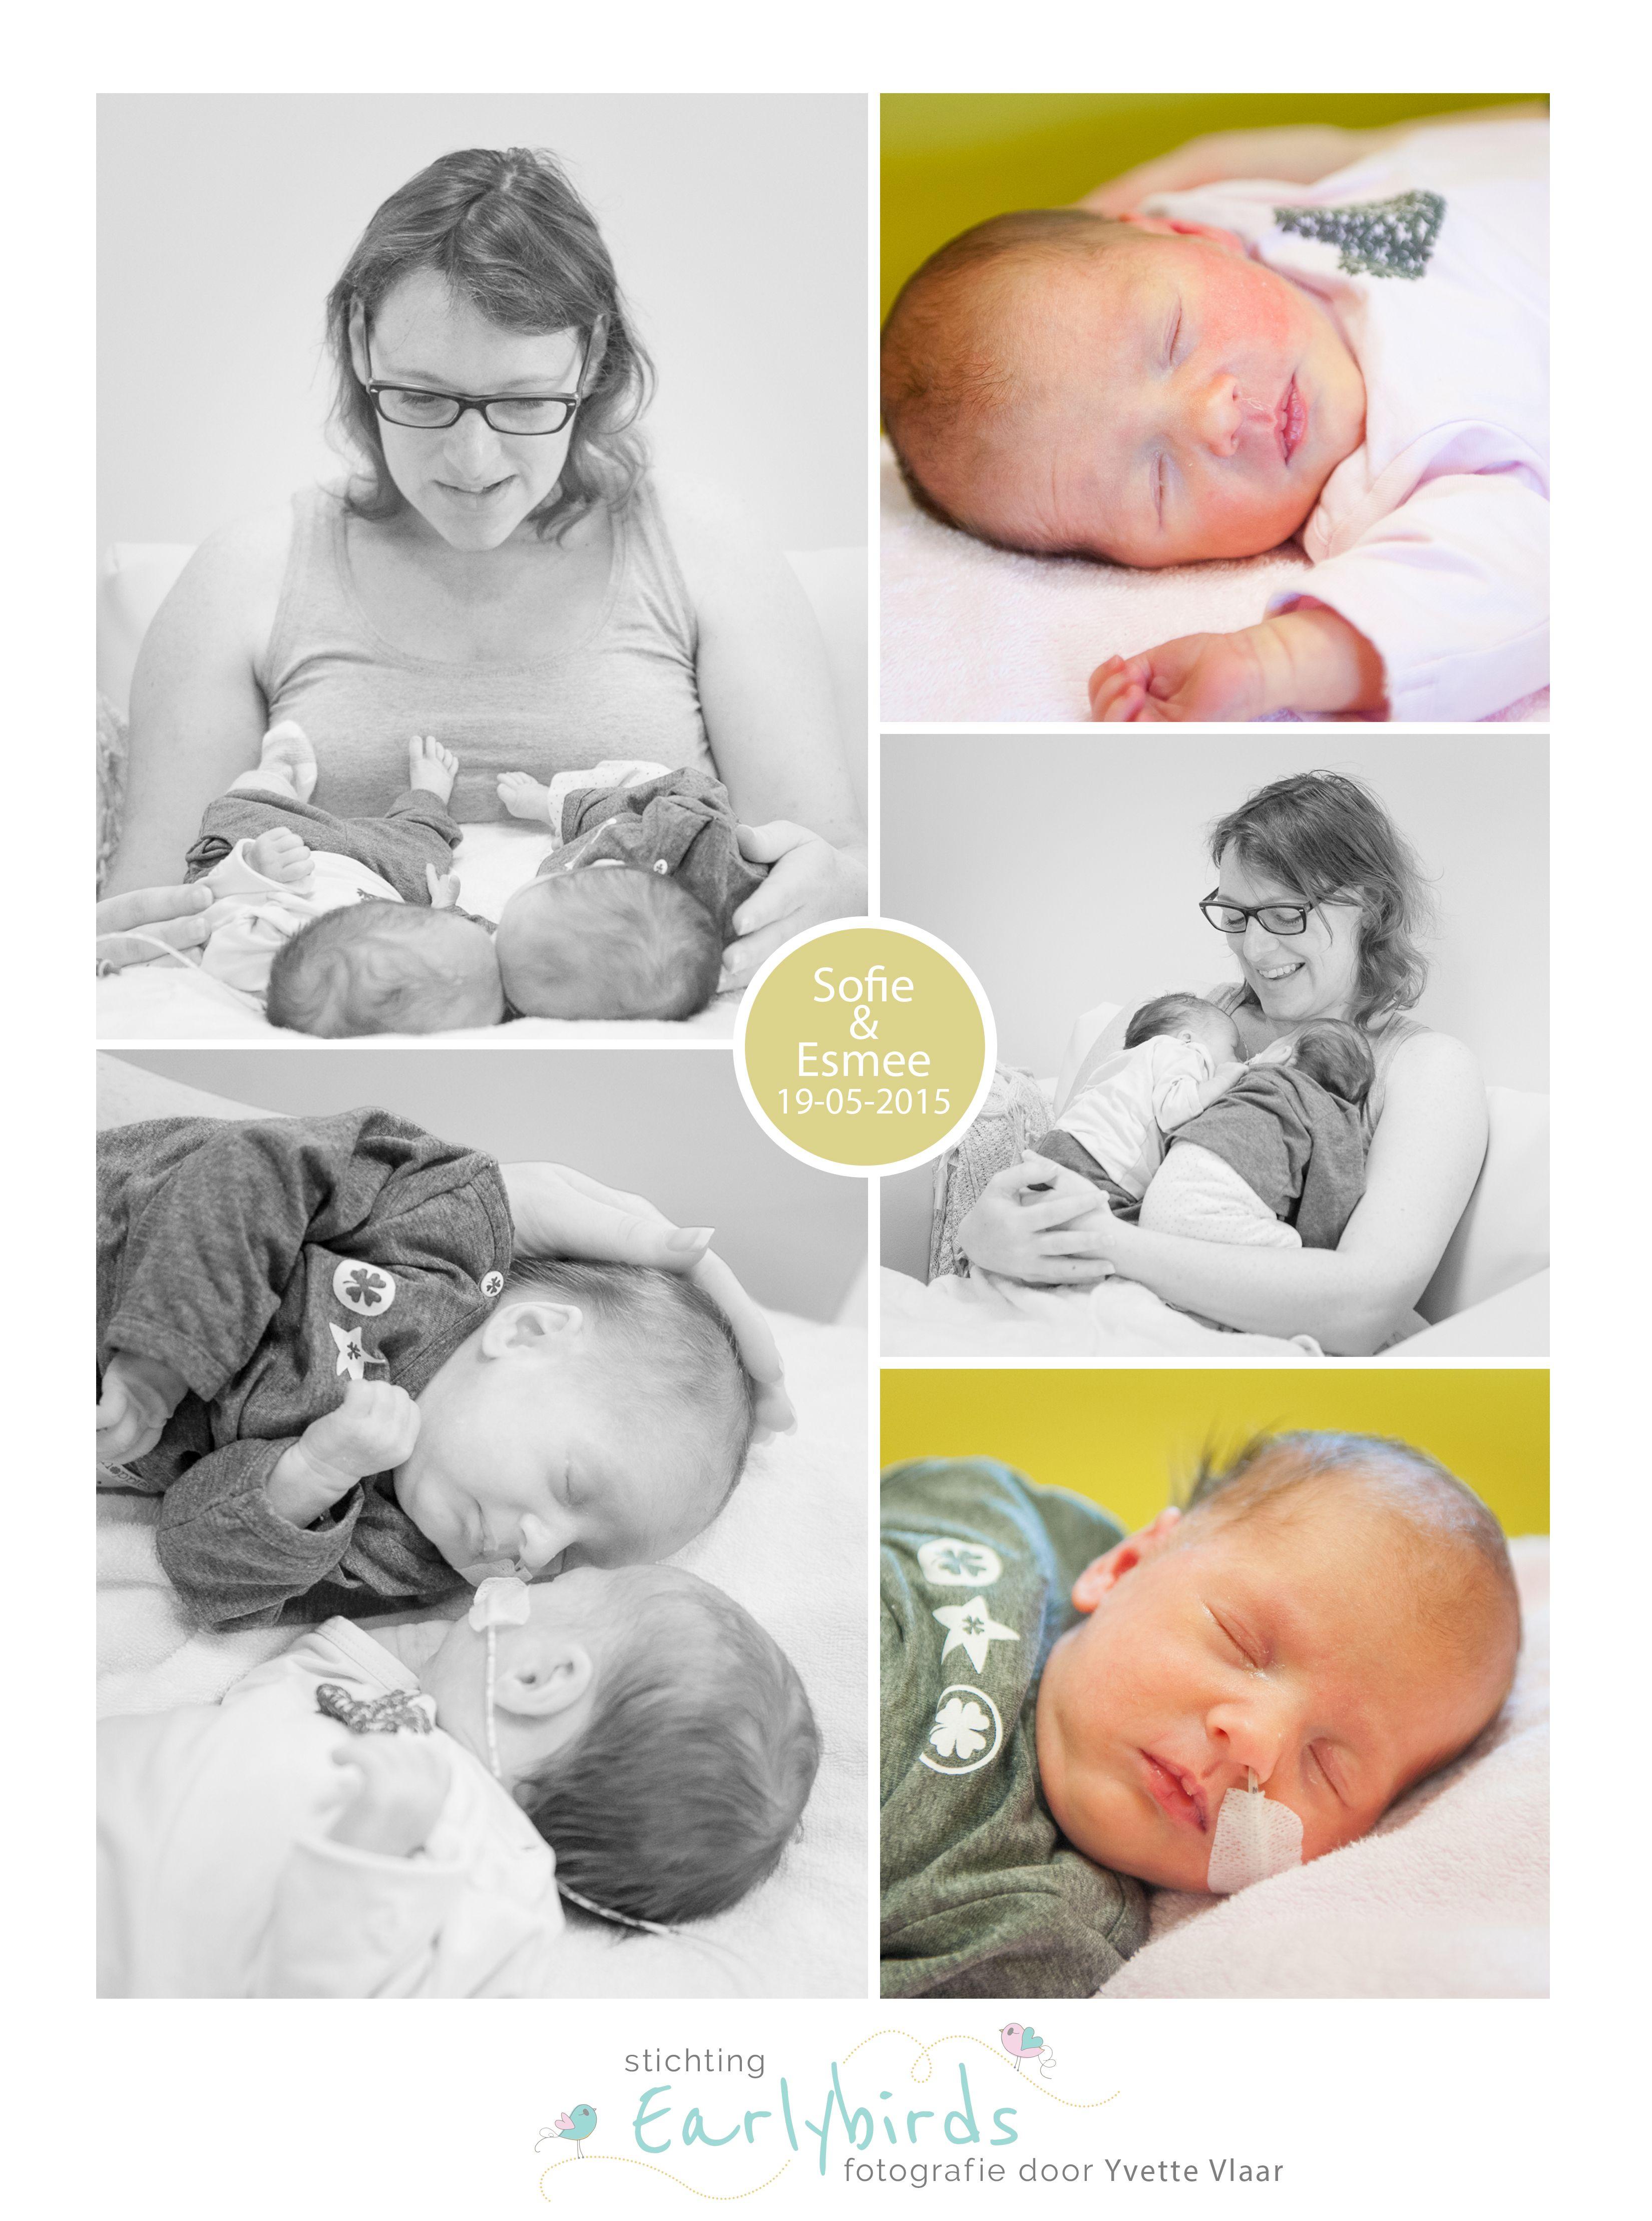 Esmee & Sofie prematuur 33 weken tweelingkamer ziekenhuis Hoorn